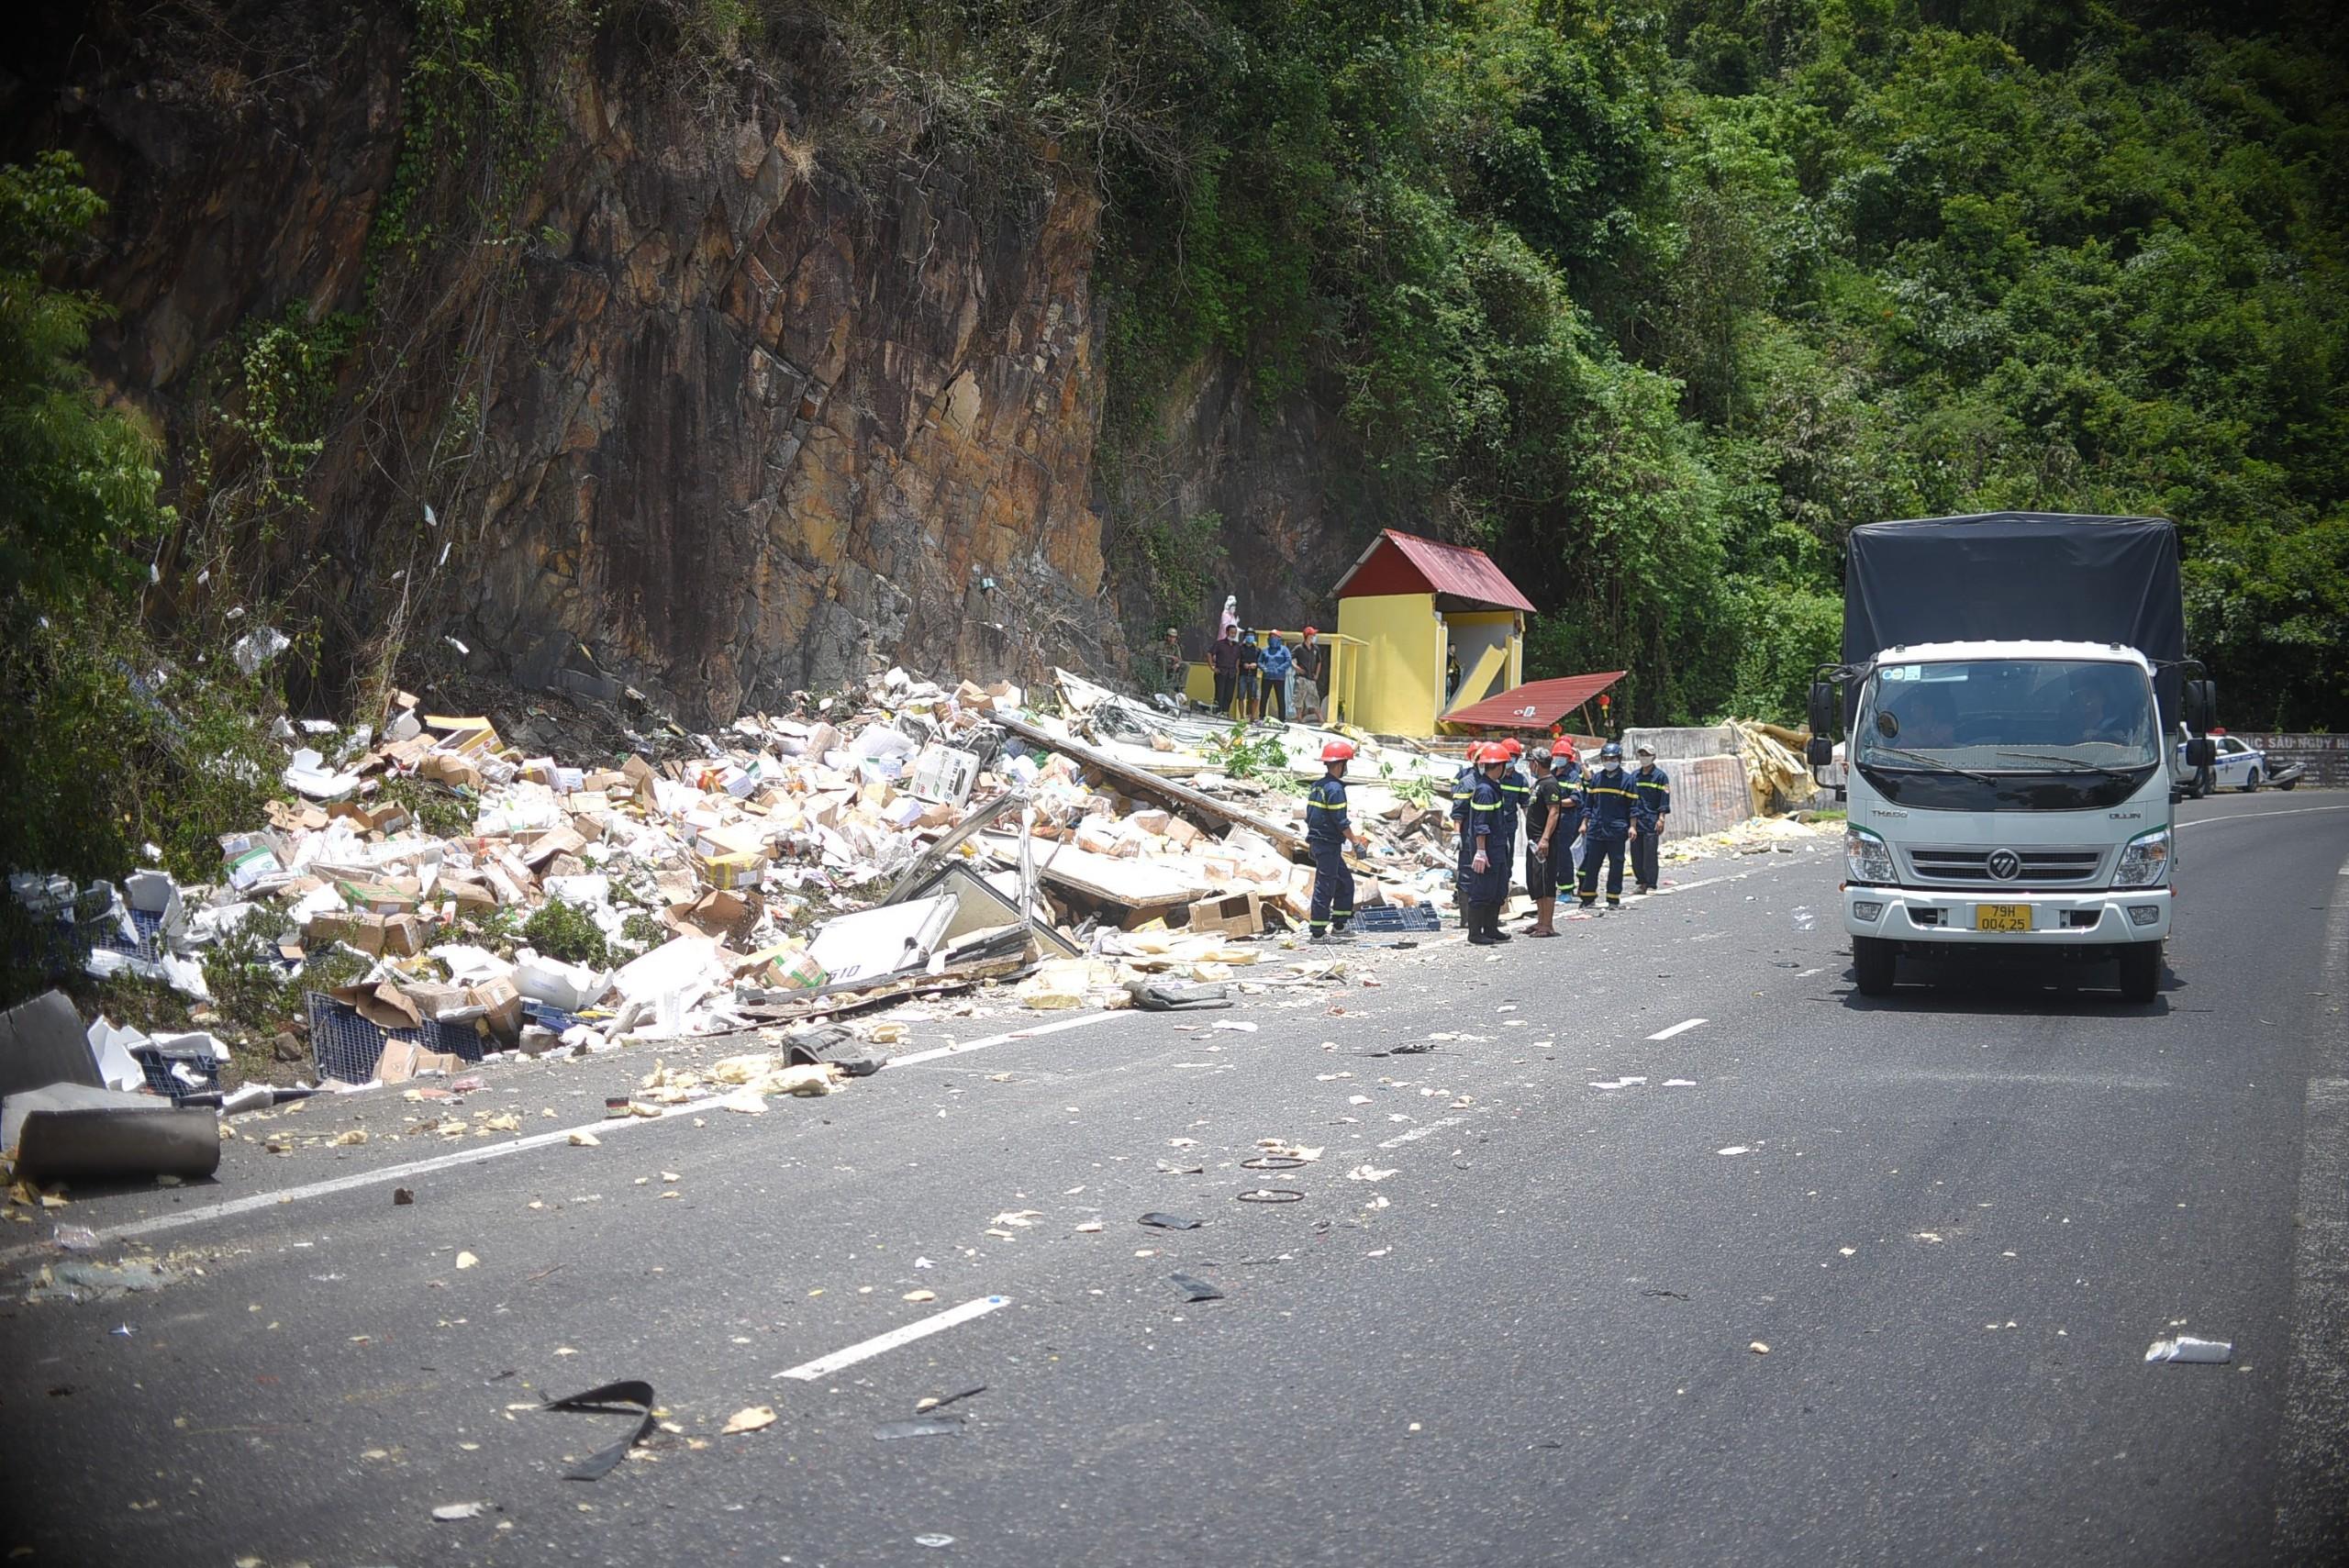 Cận cảnh tan hoang hiện trường vụ tai nạn khiến 2 người chết - Ảnh 5.